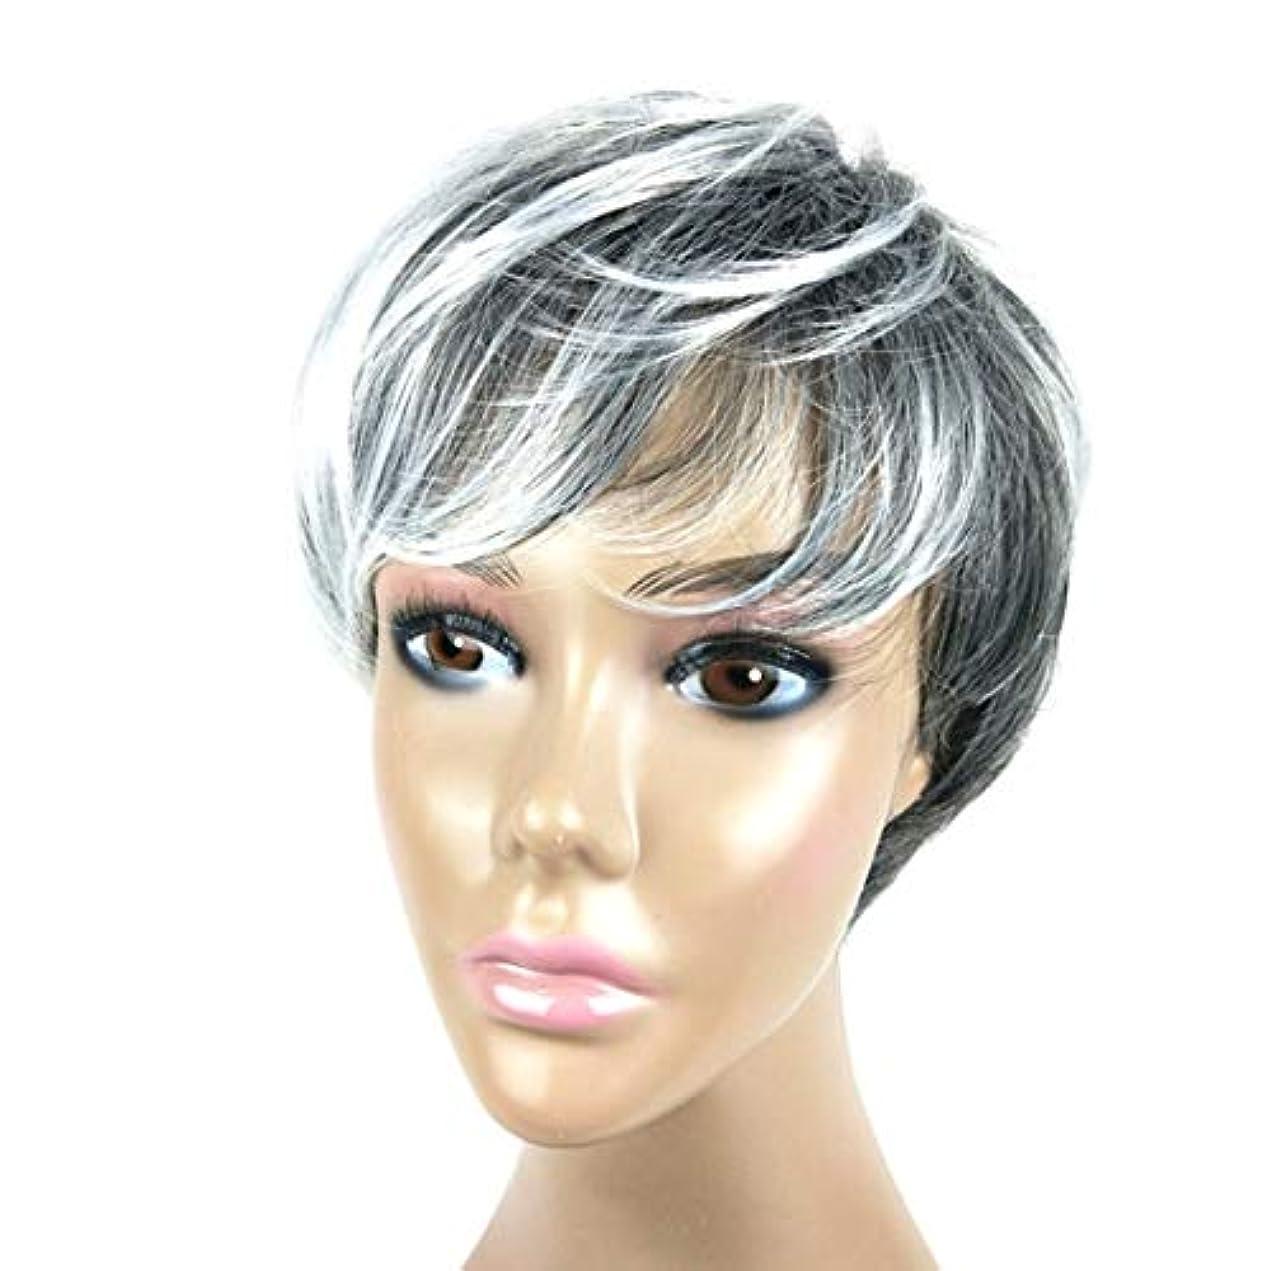 シネマ櫛労働者Kerwinner メンズショートヘア白黒グラデーションカラーウィッグ